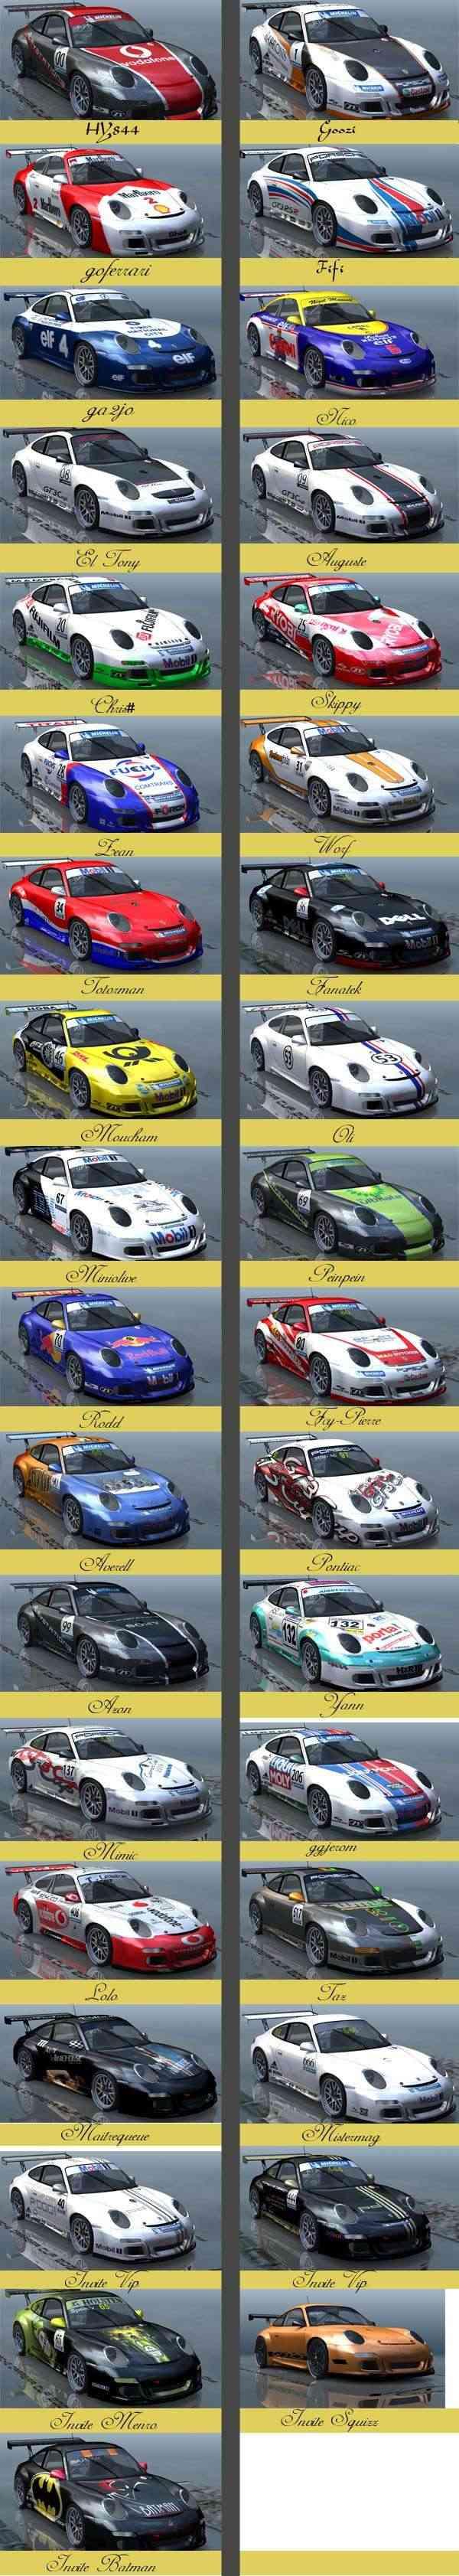 Porsche 997 cup Liste911